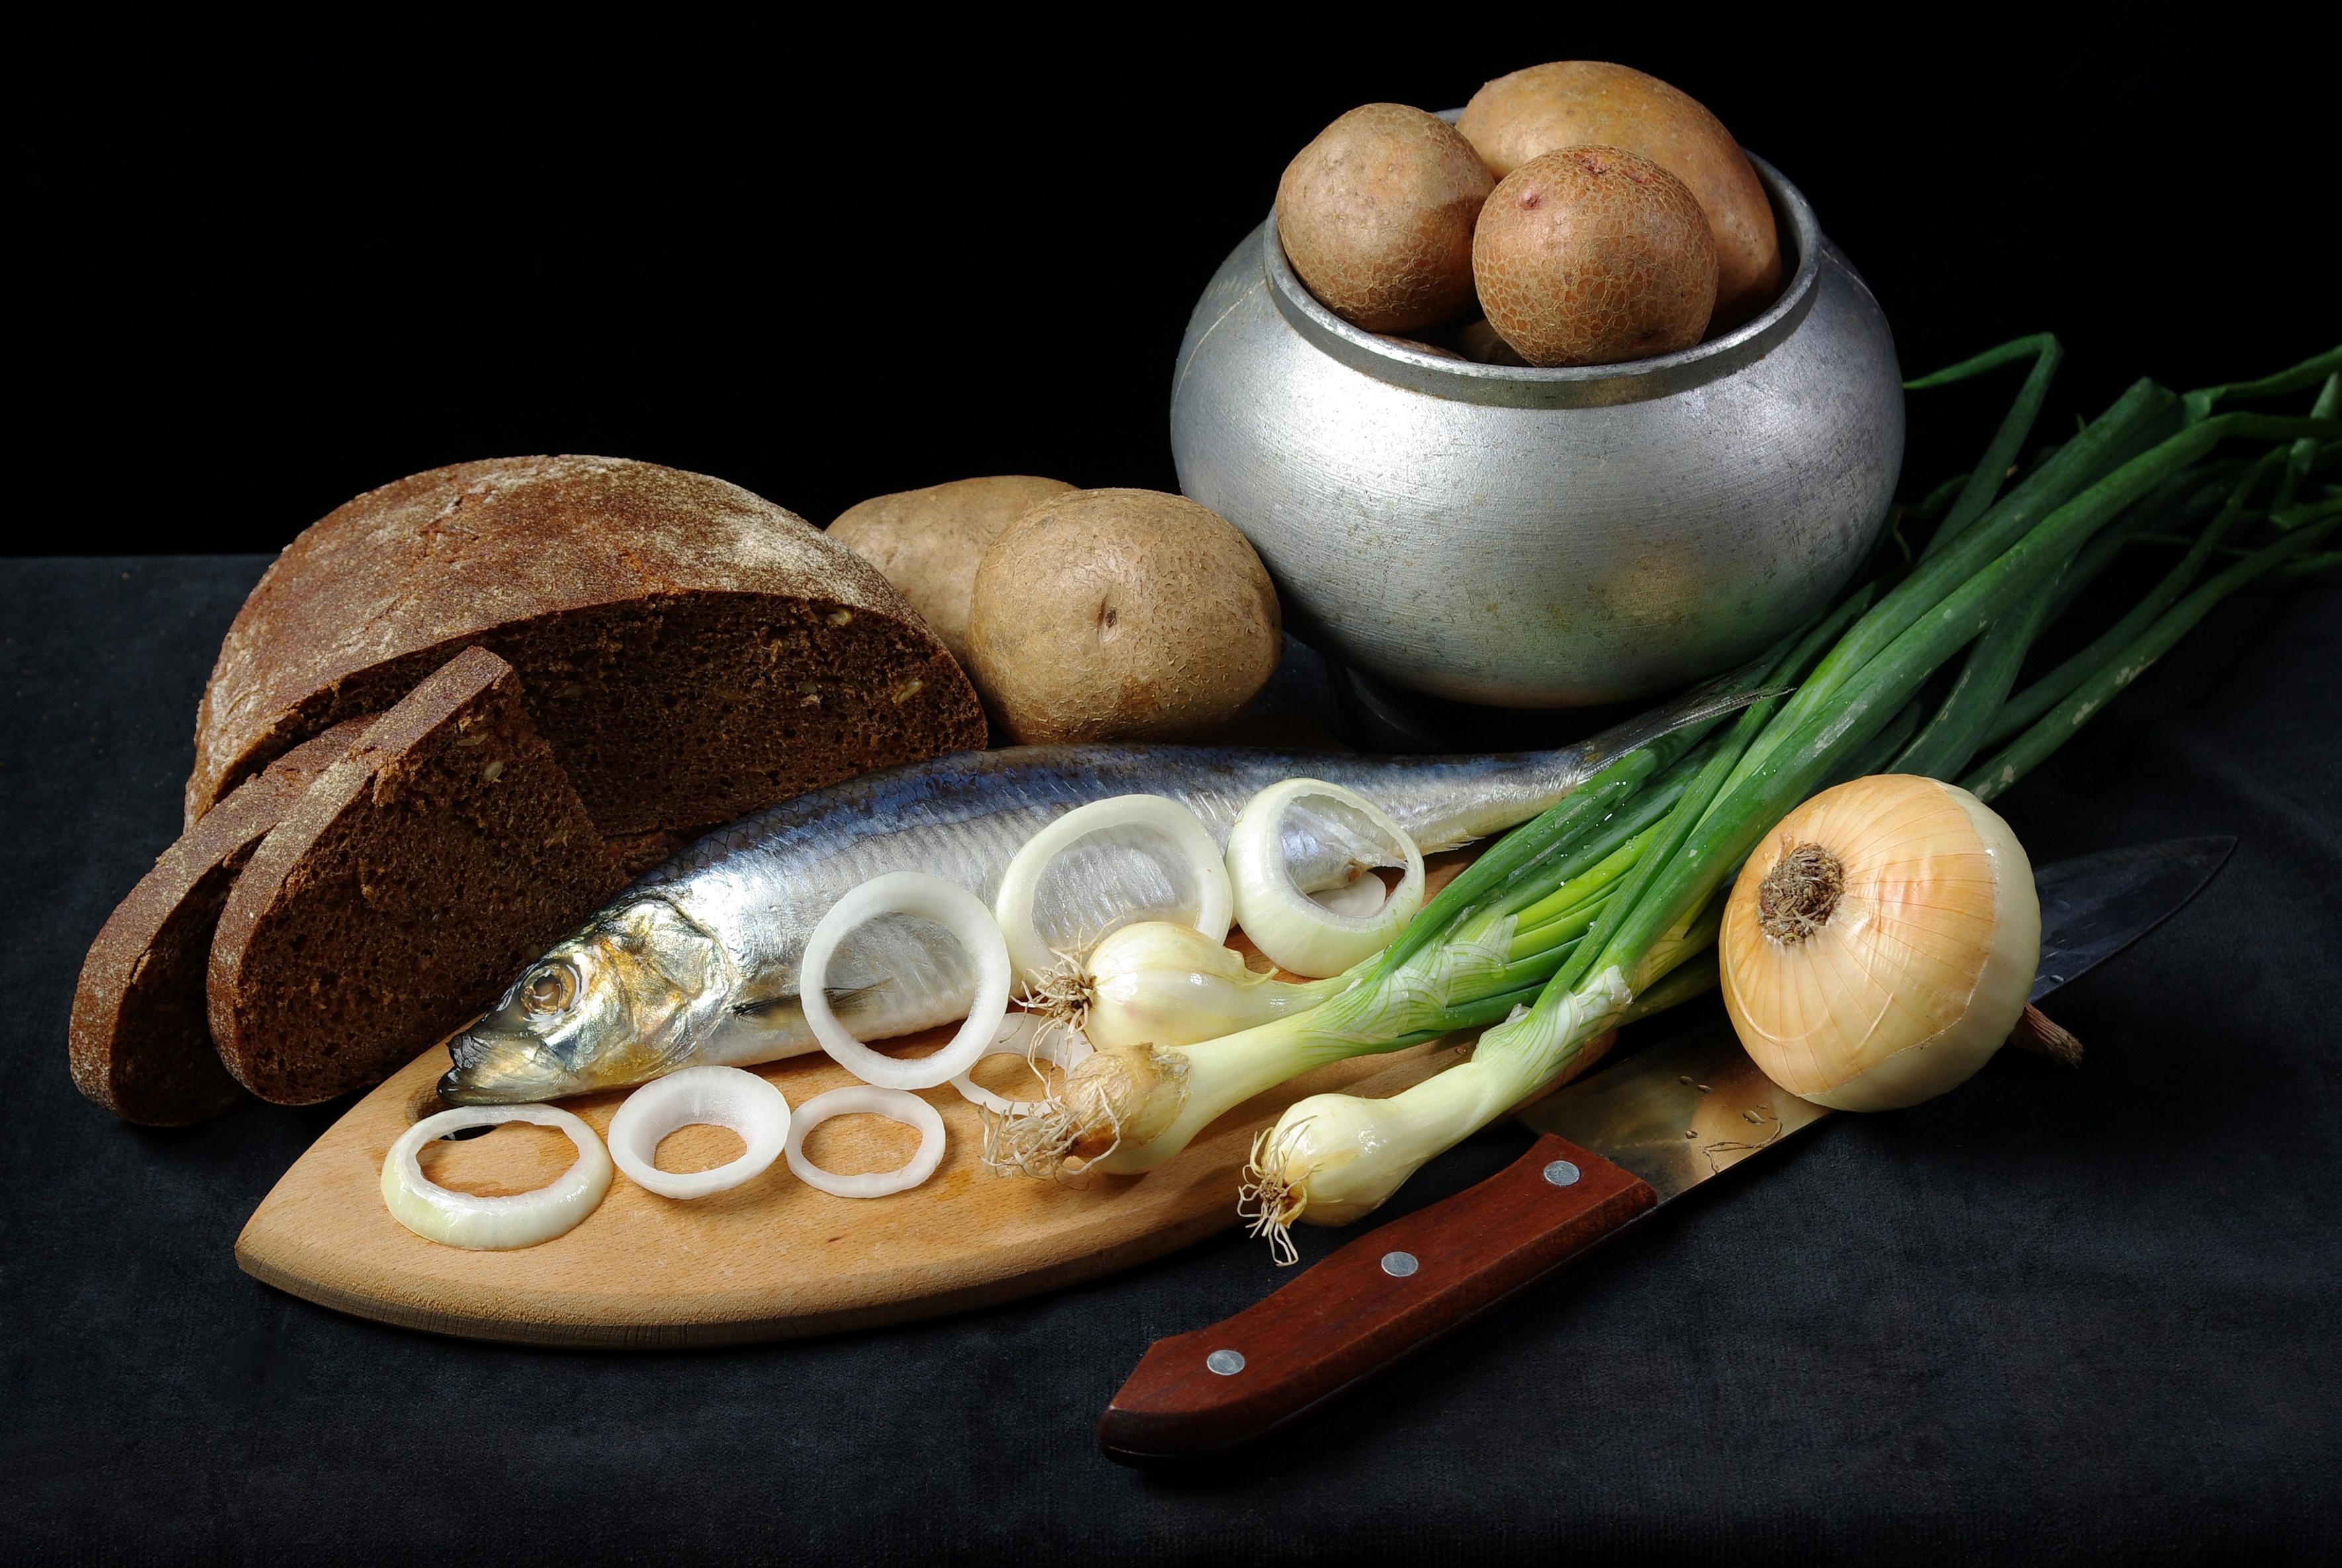 Hintergrundbilder : Malerei, Lebensmittel, Brot, Kartoffeln ...